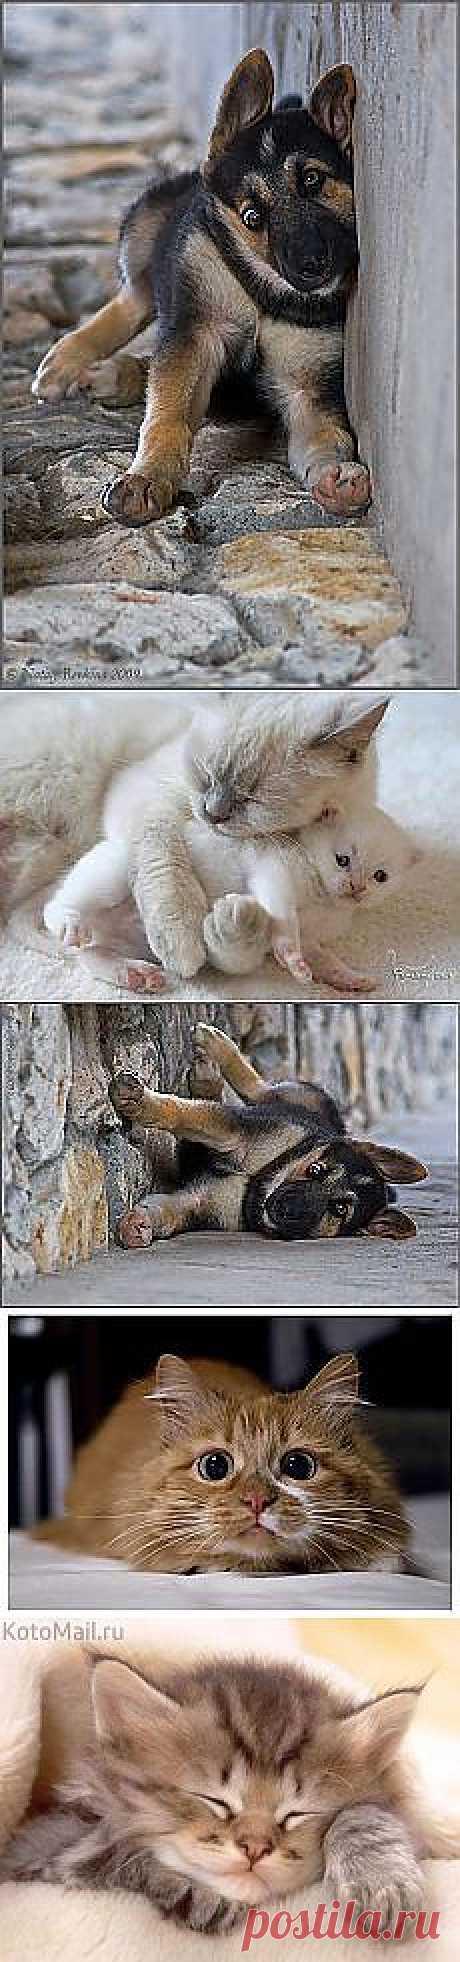 Животные | Постила.ru